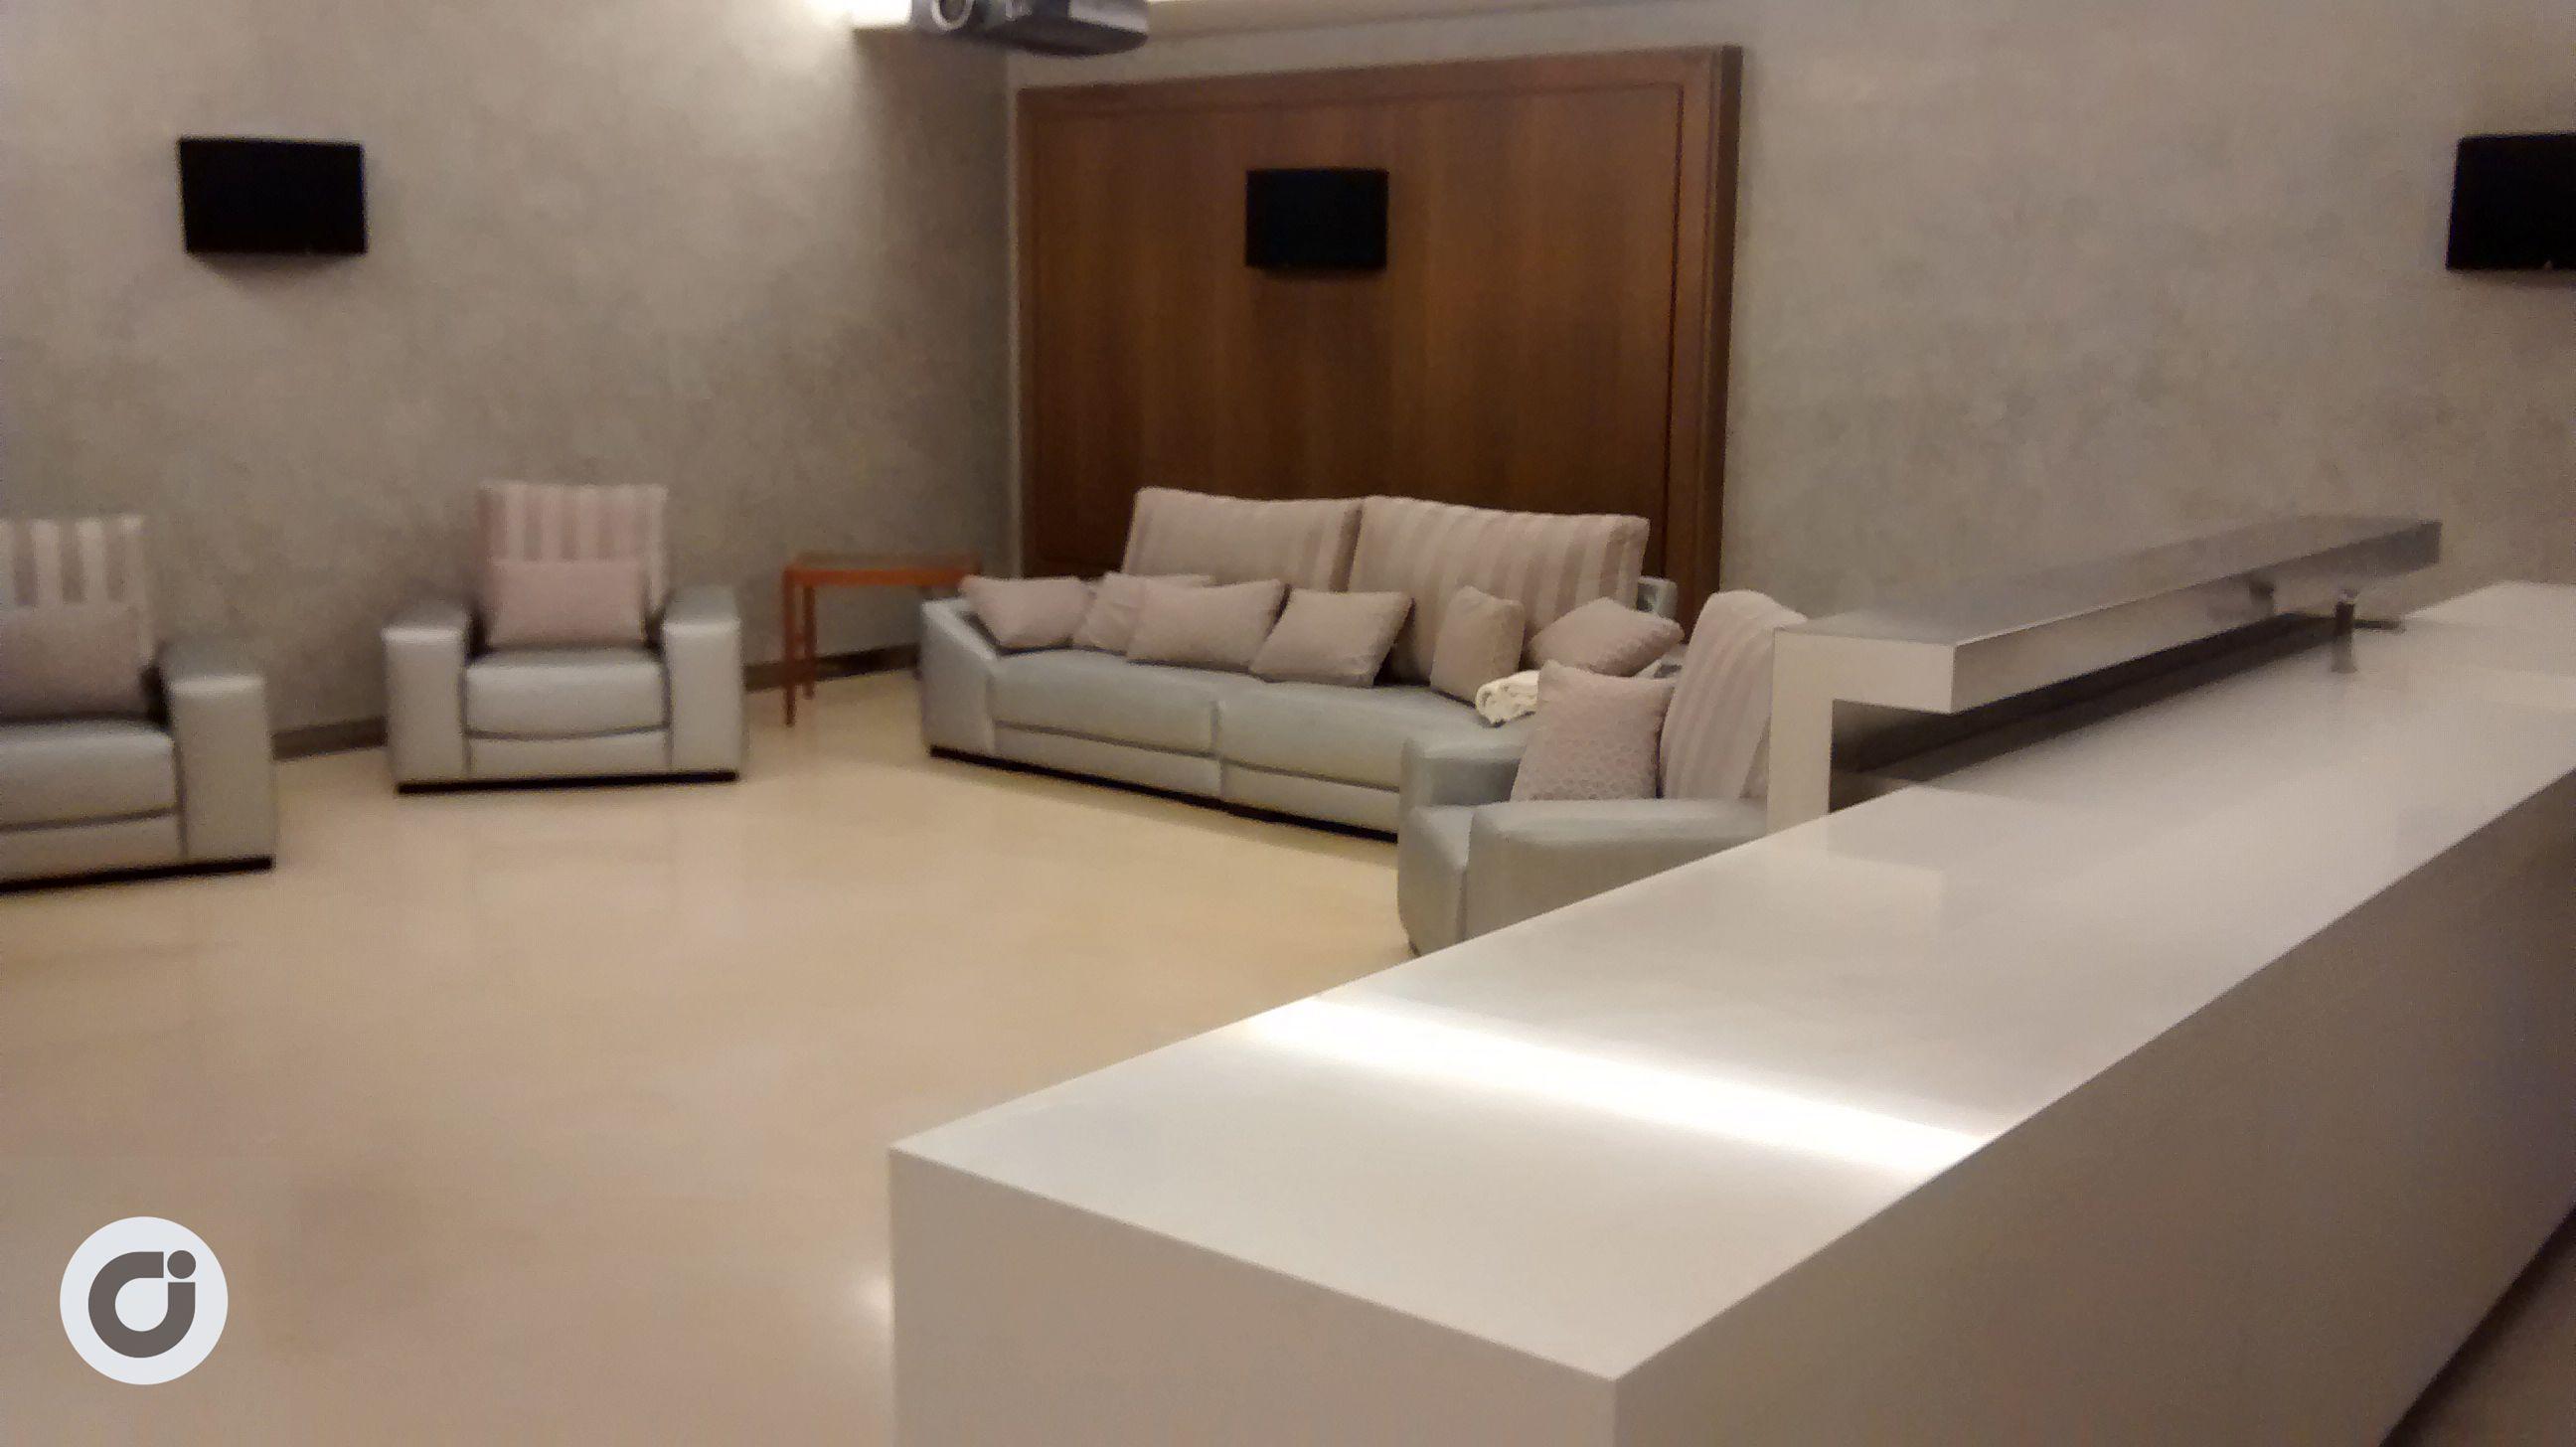 En tonos ocres y espaciosa, el mobiliario da juego a la estancia.